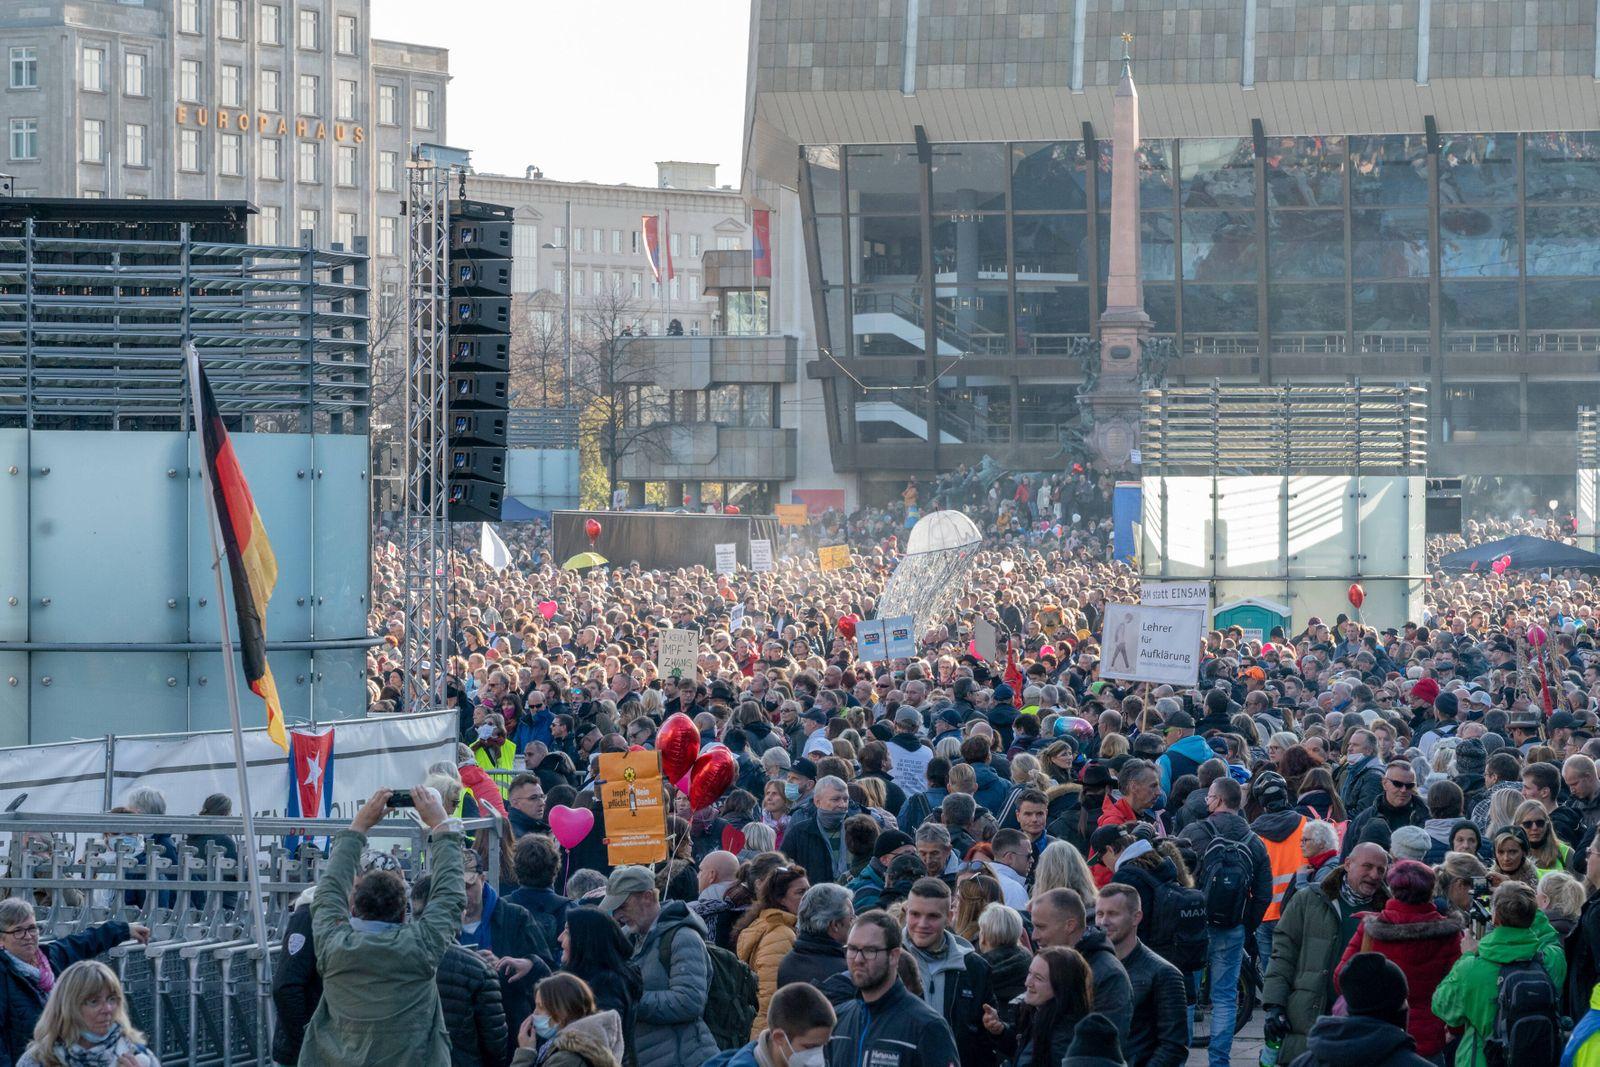 Leipzig, 7.11.2020 Die sogenannte Querdenken Bewegung demonstriert gegen die Corona-Maßnahmen im Leipziger Stadt-Zentru